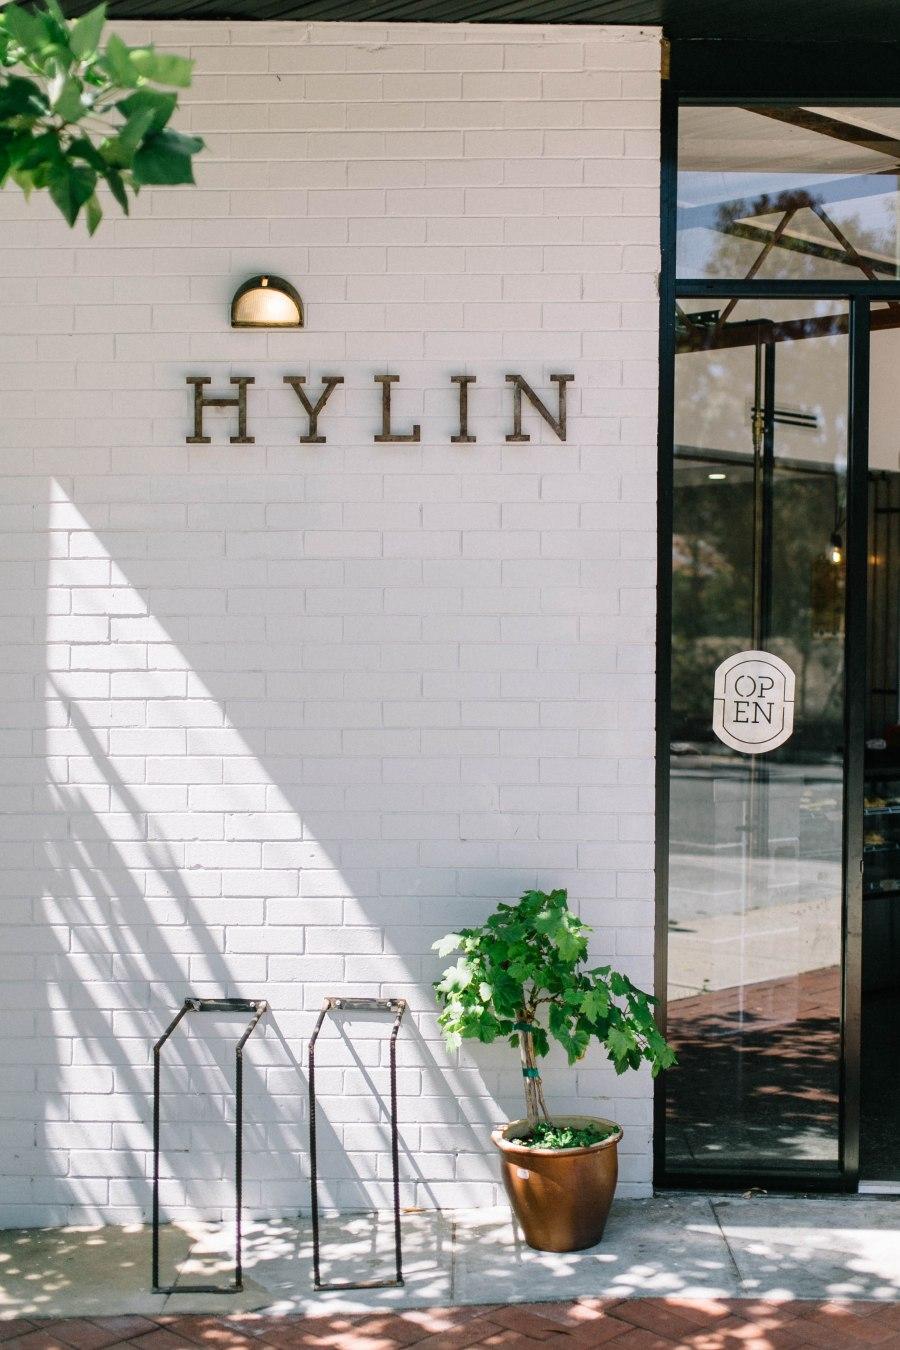 hylin-1-2